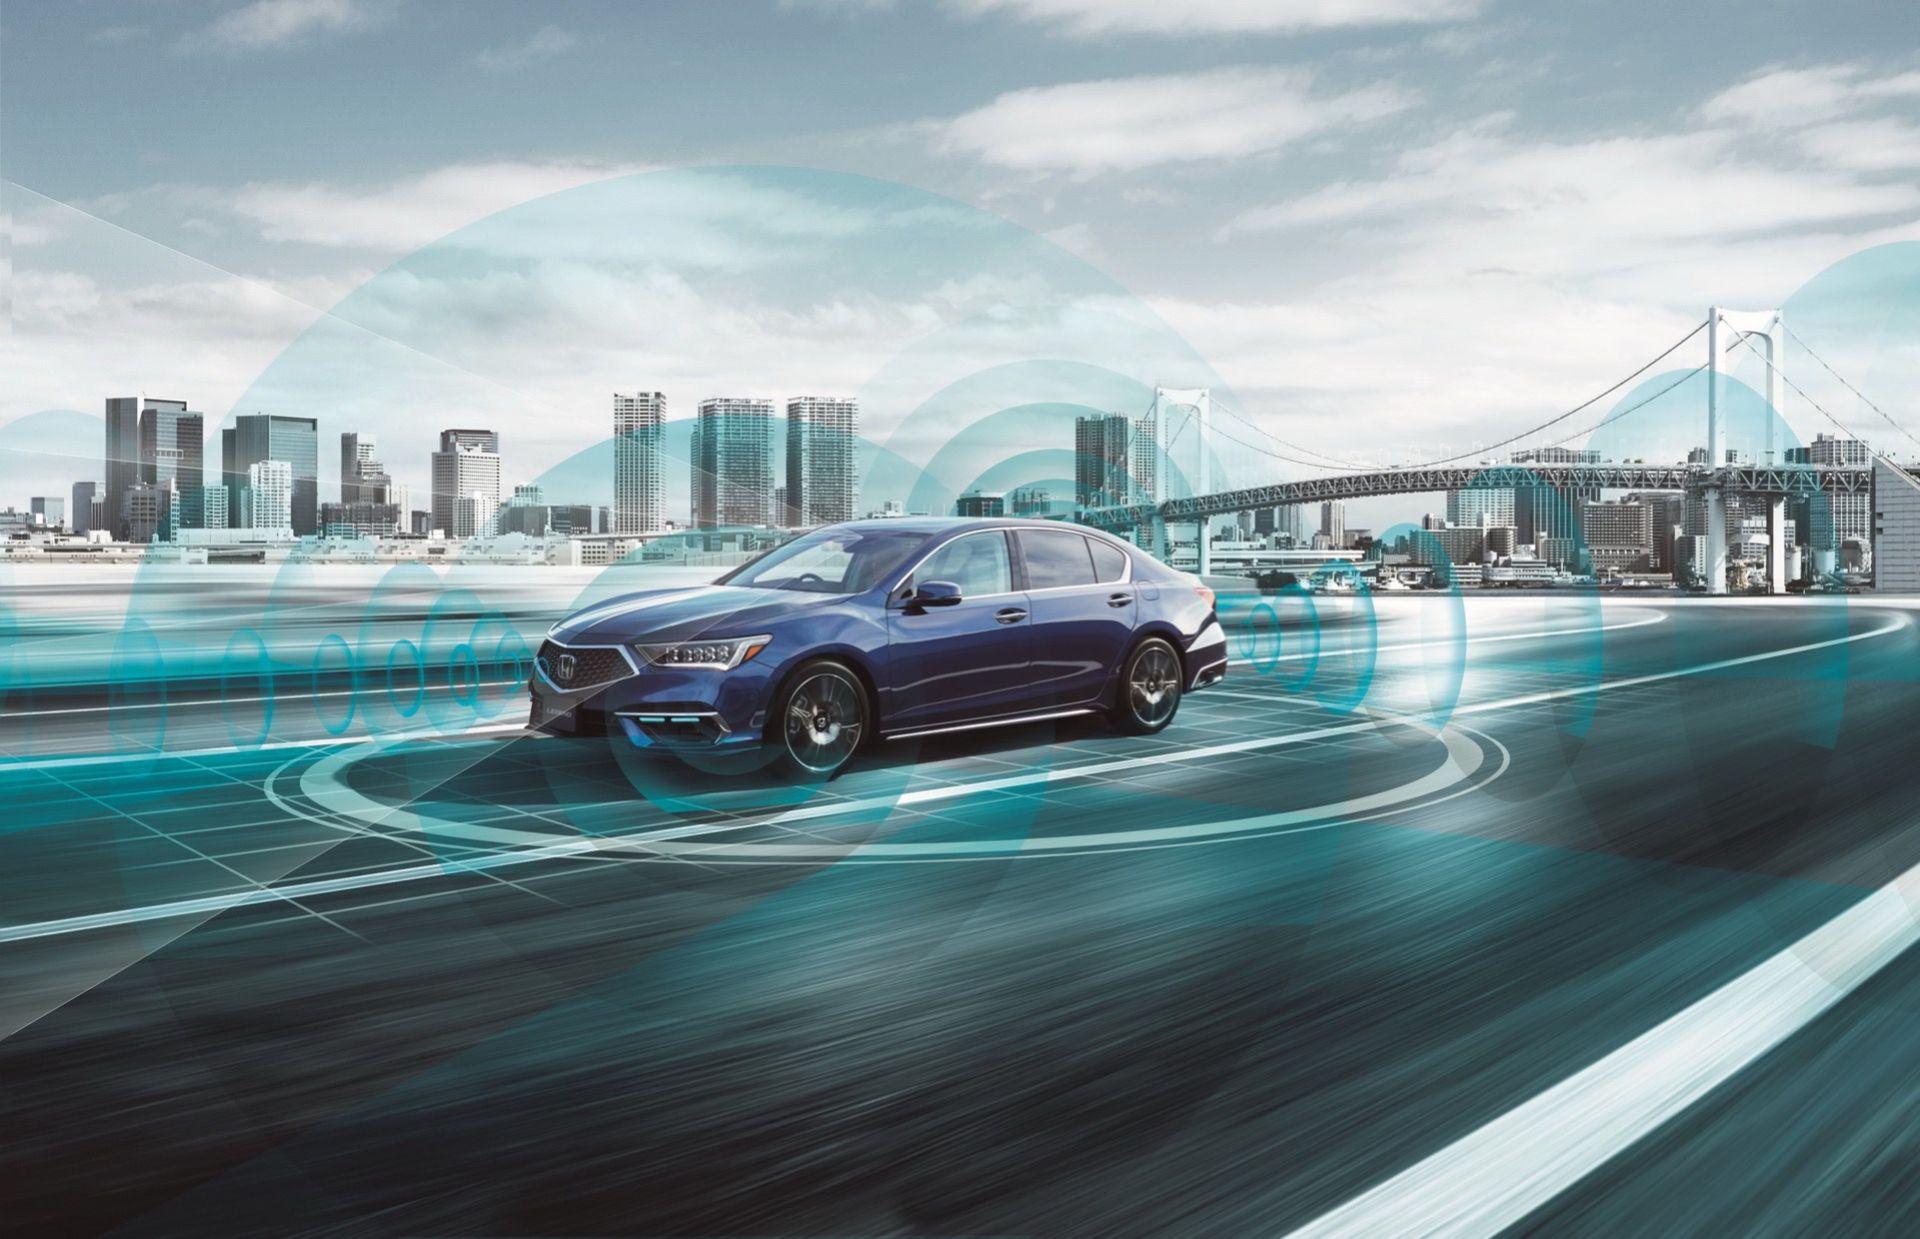 Honda presenterar världens första bil med självkörning i nivå 3